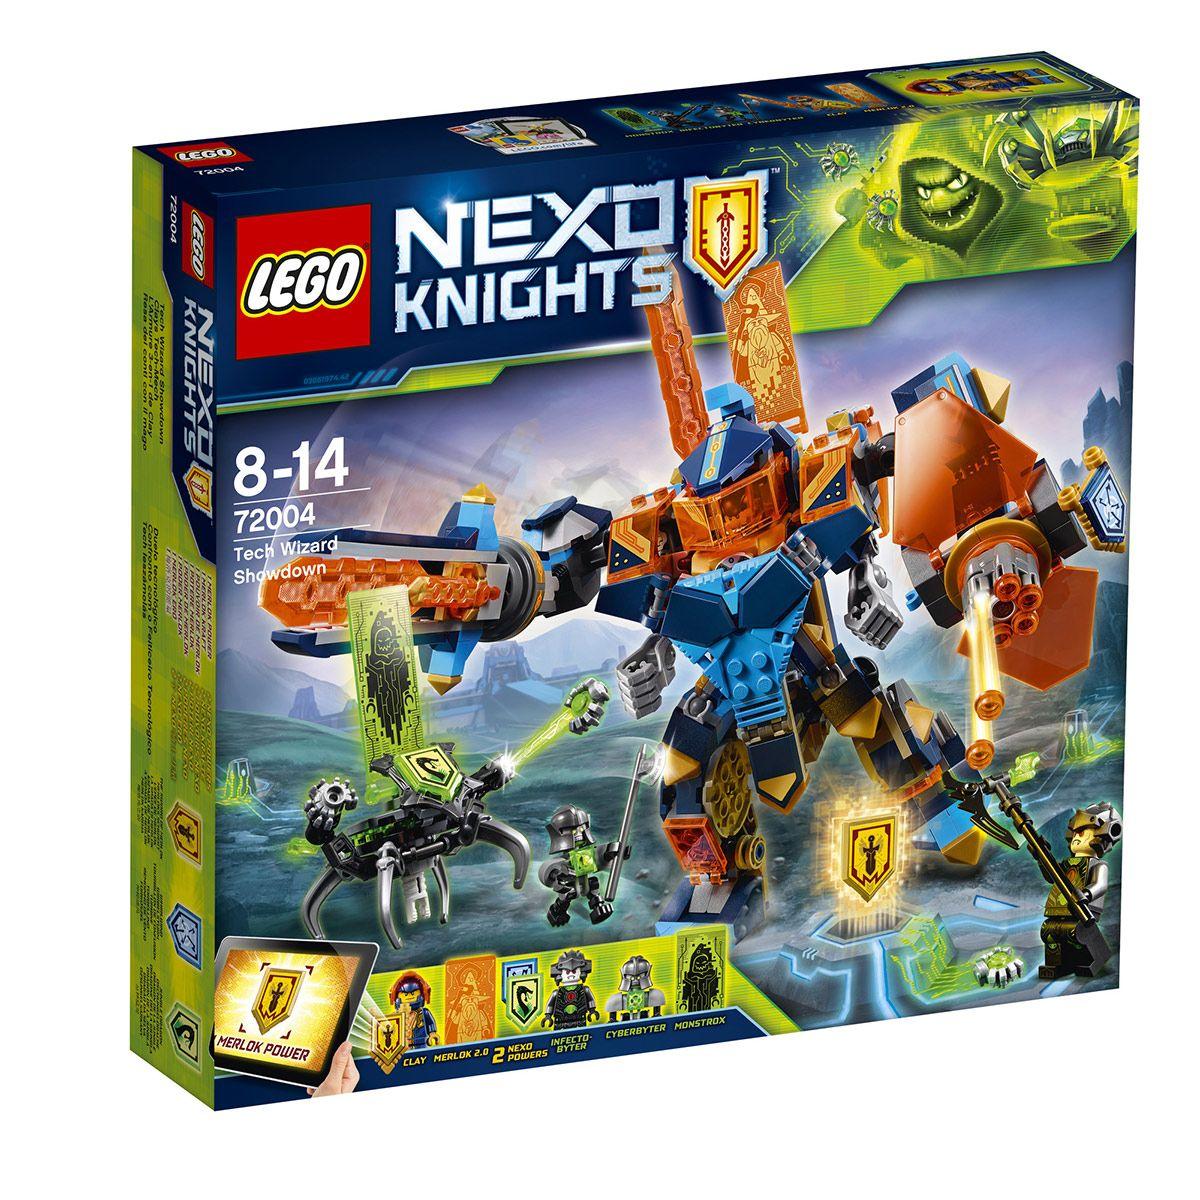 3 1 De L'armure Et Sciences Clay Nexo Lego Robots En 72004 Knights SzMUqVp